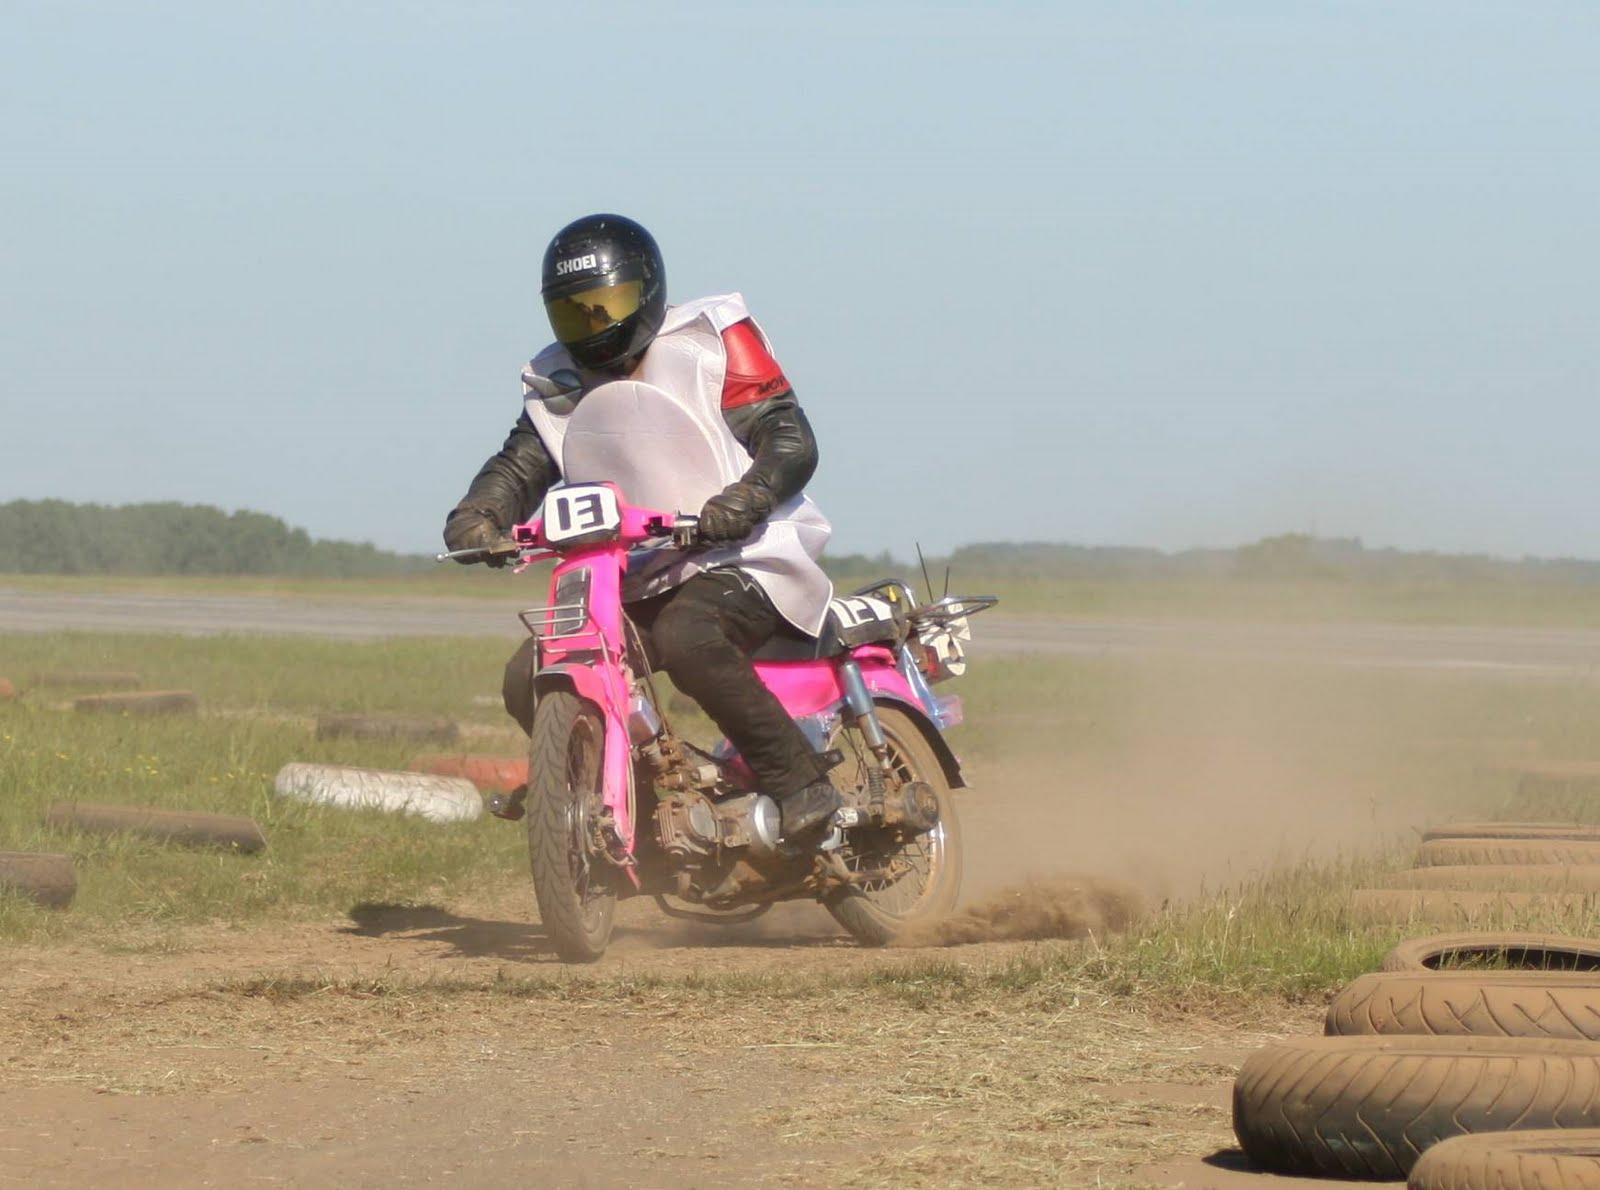 Moped race